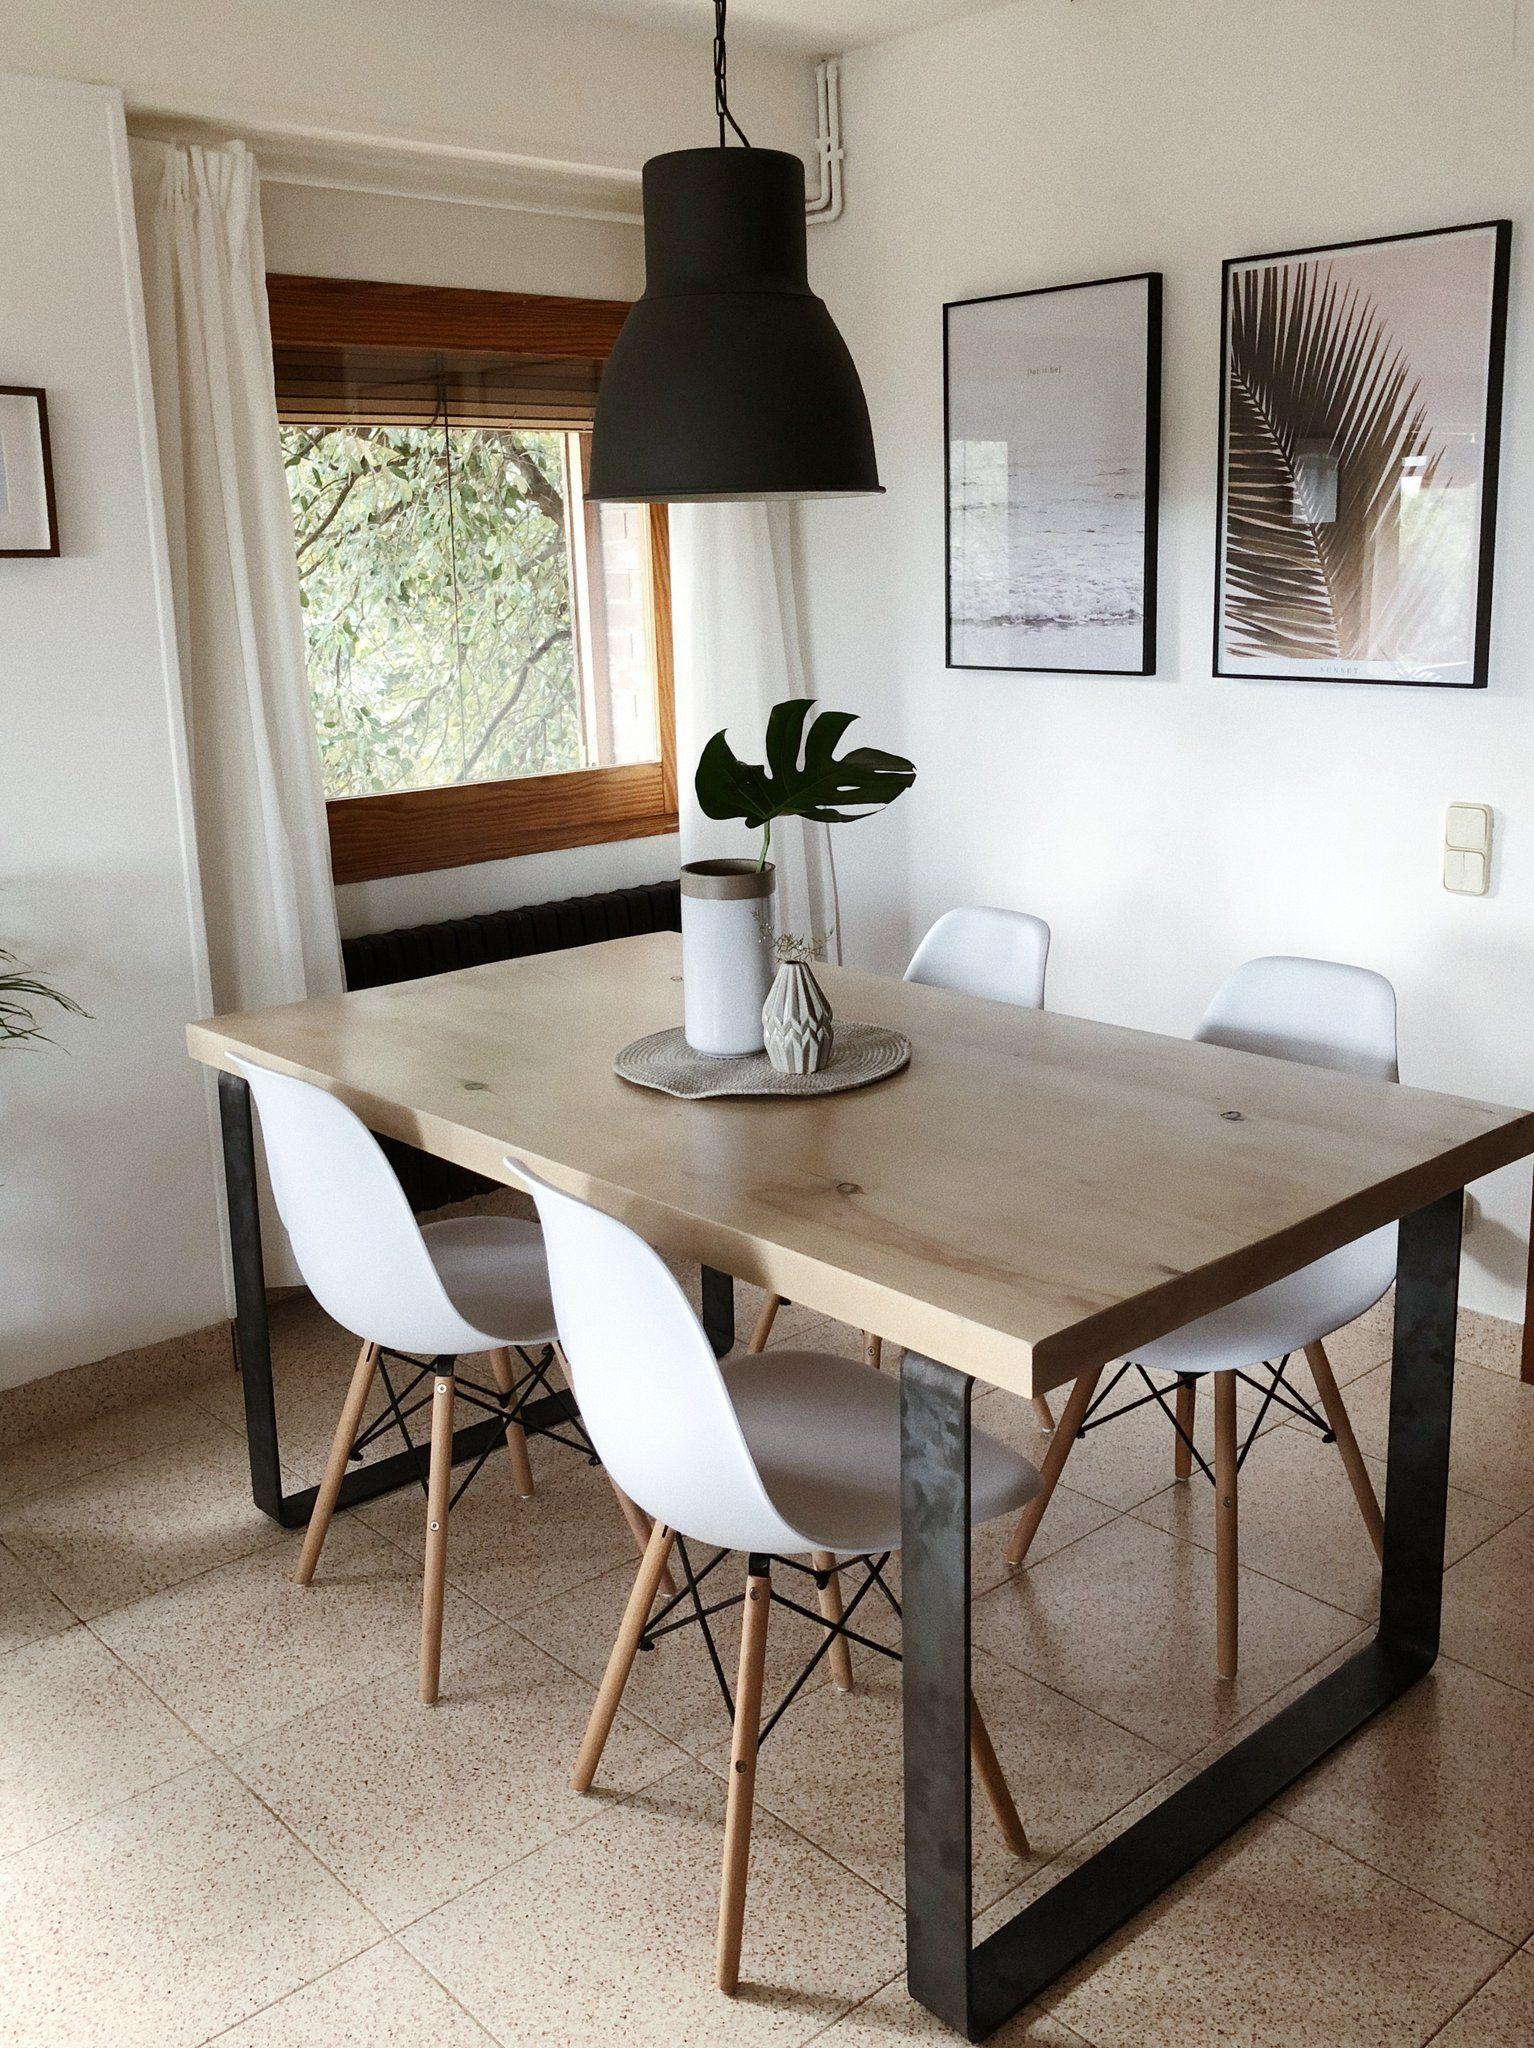 Mesa comedor Dabir (Pino - tablones) | Pinterest | Pino, Bancos y ...